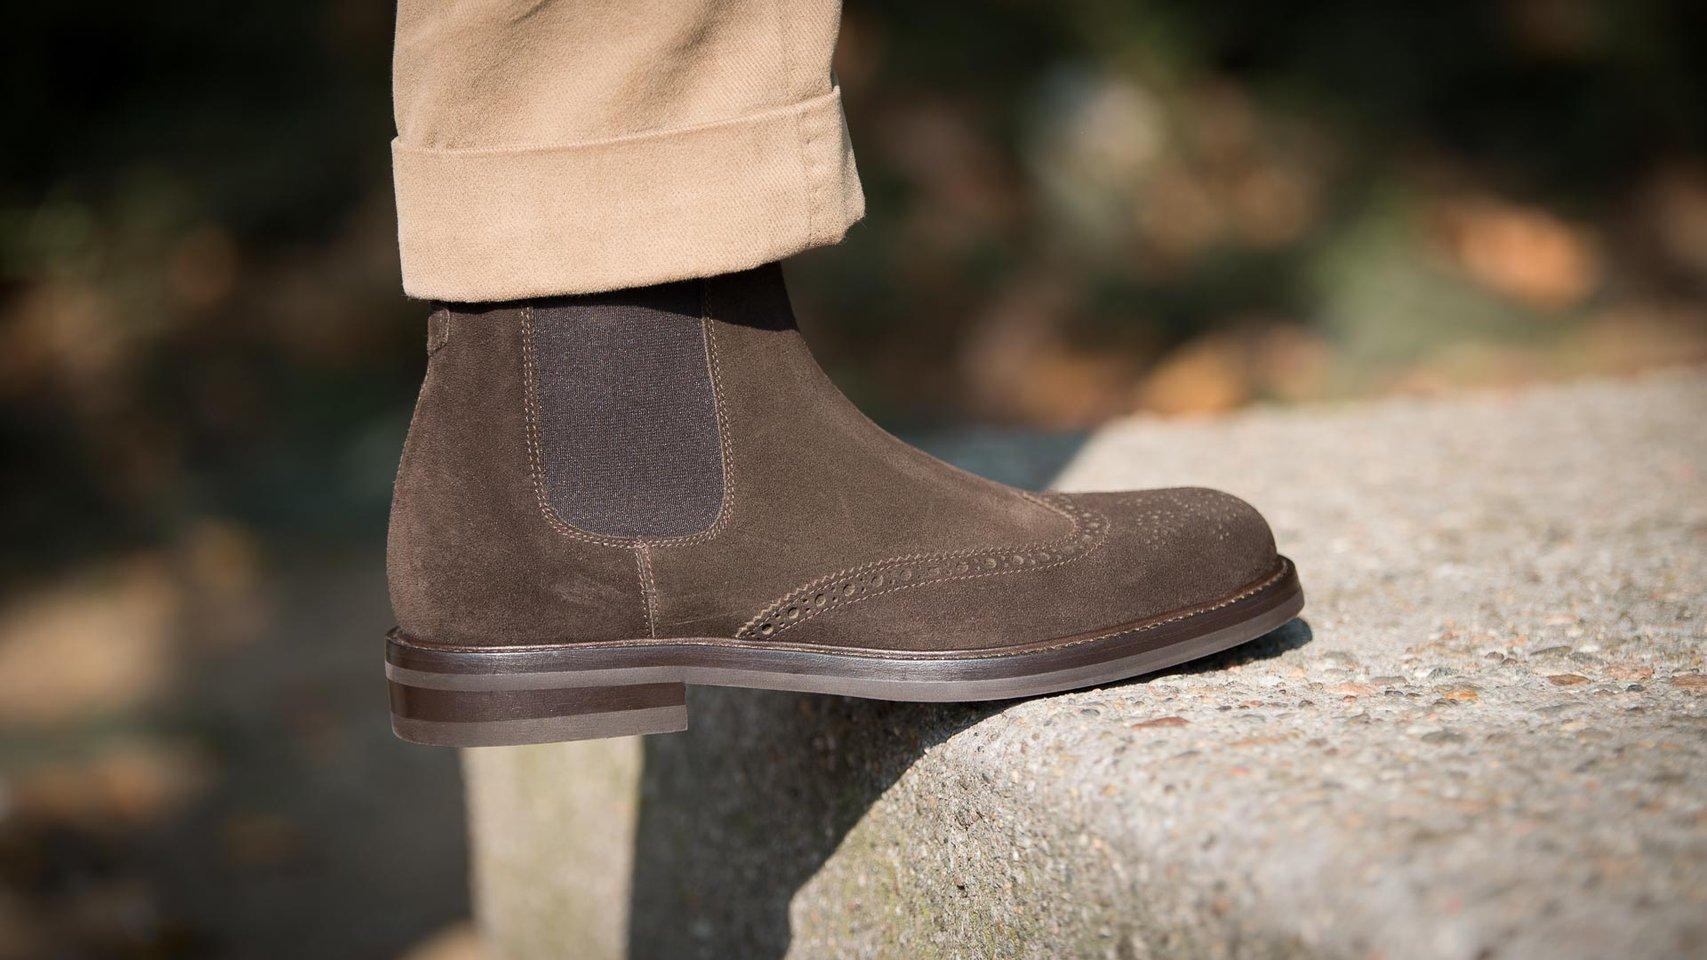 Velasca, calzatura uomo 100% Made in Italy ad un prezzo accessibile